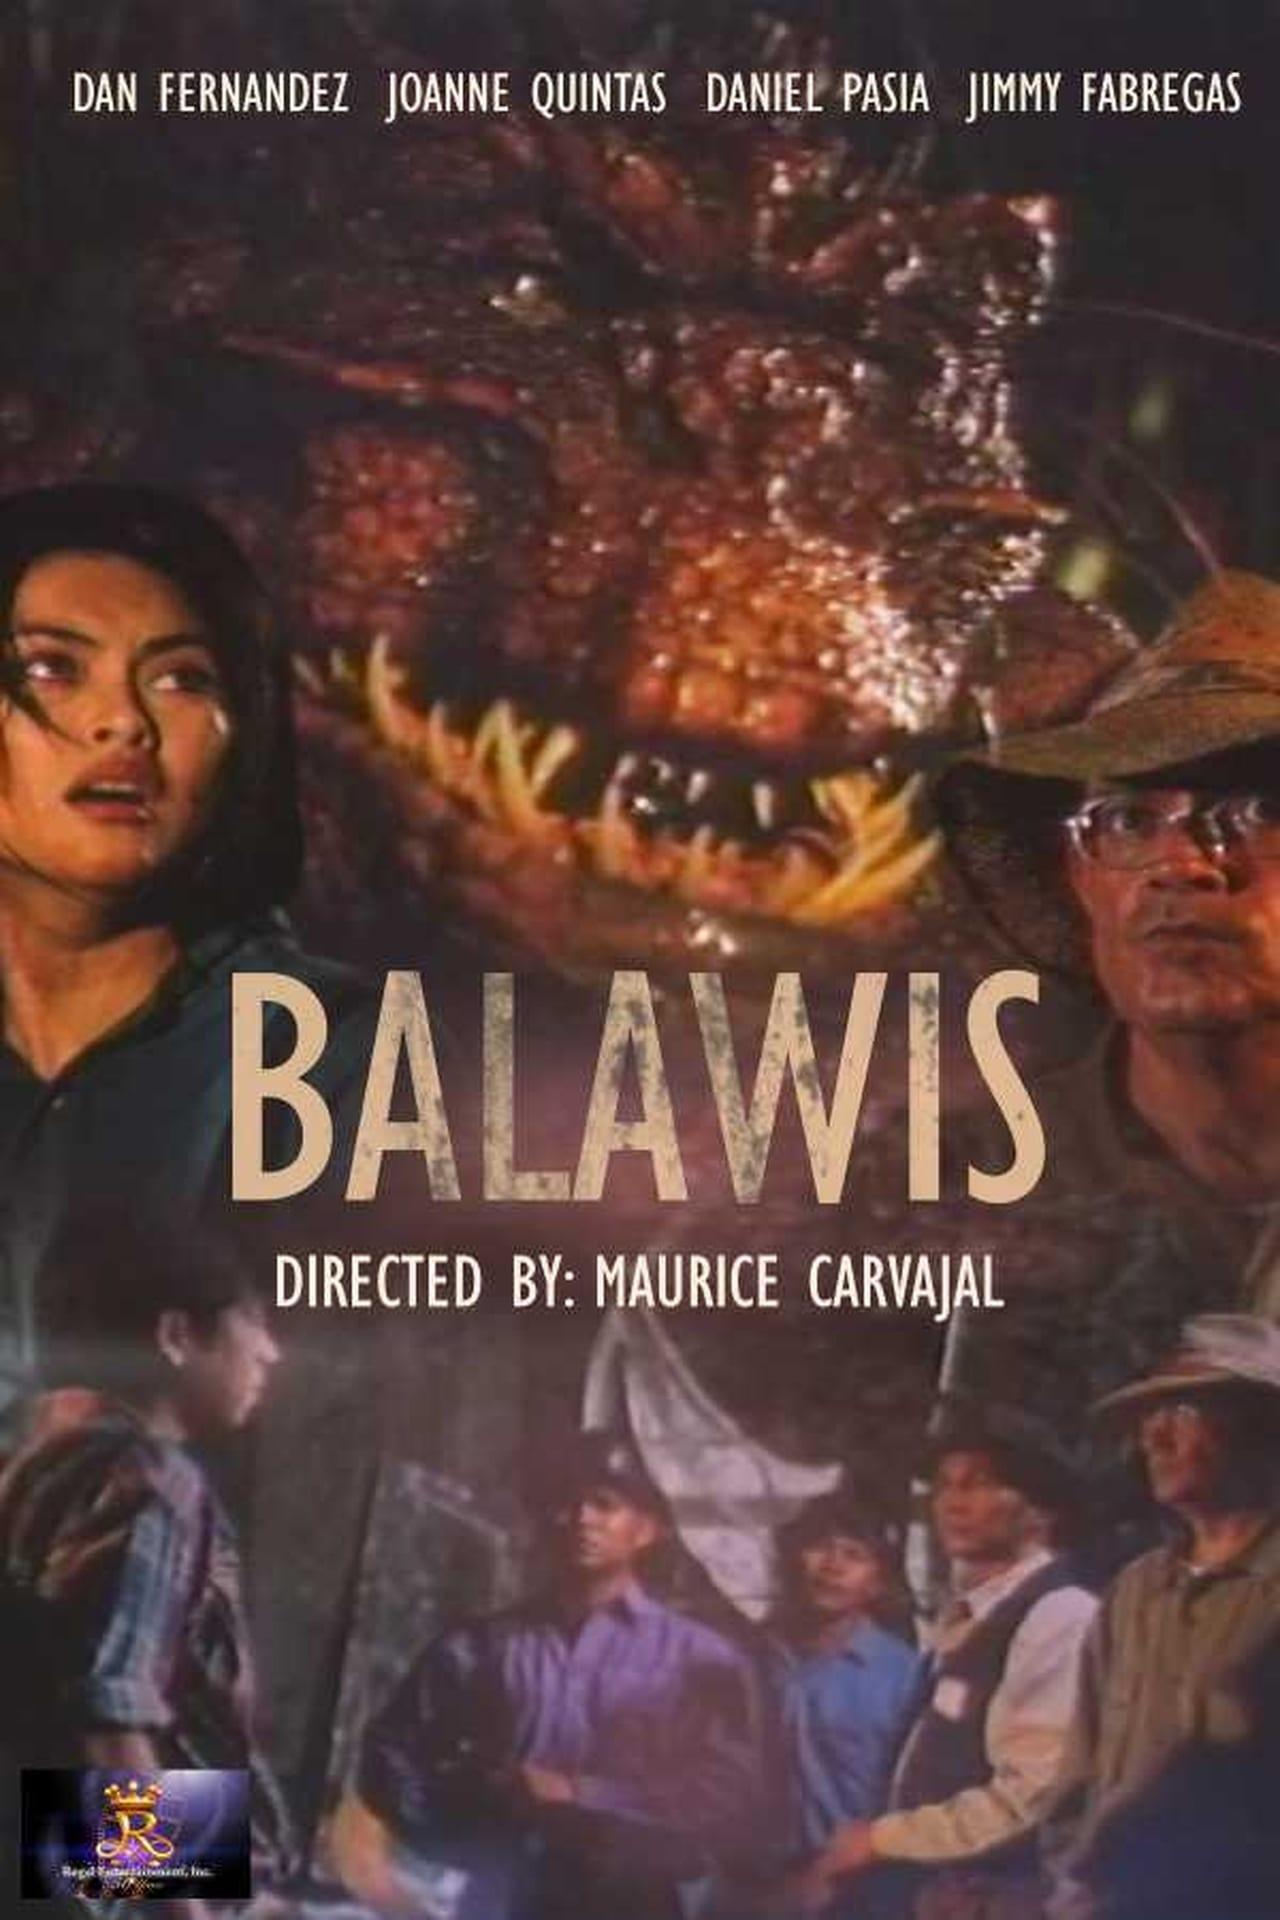 Balawis